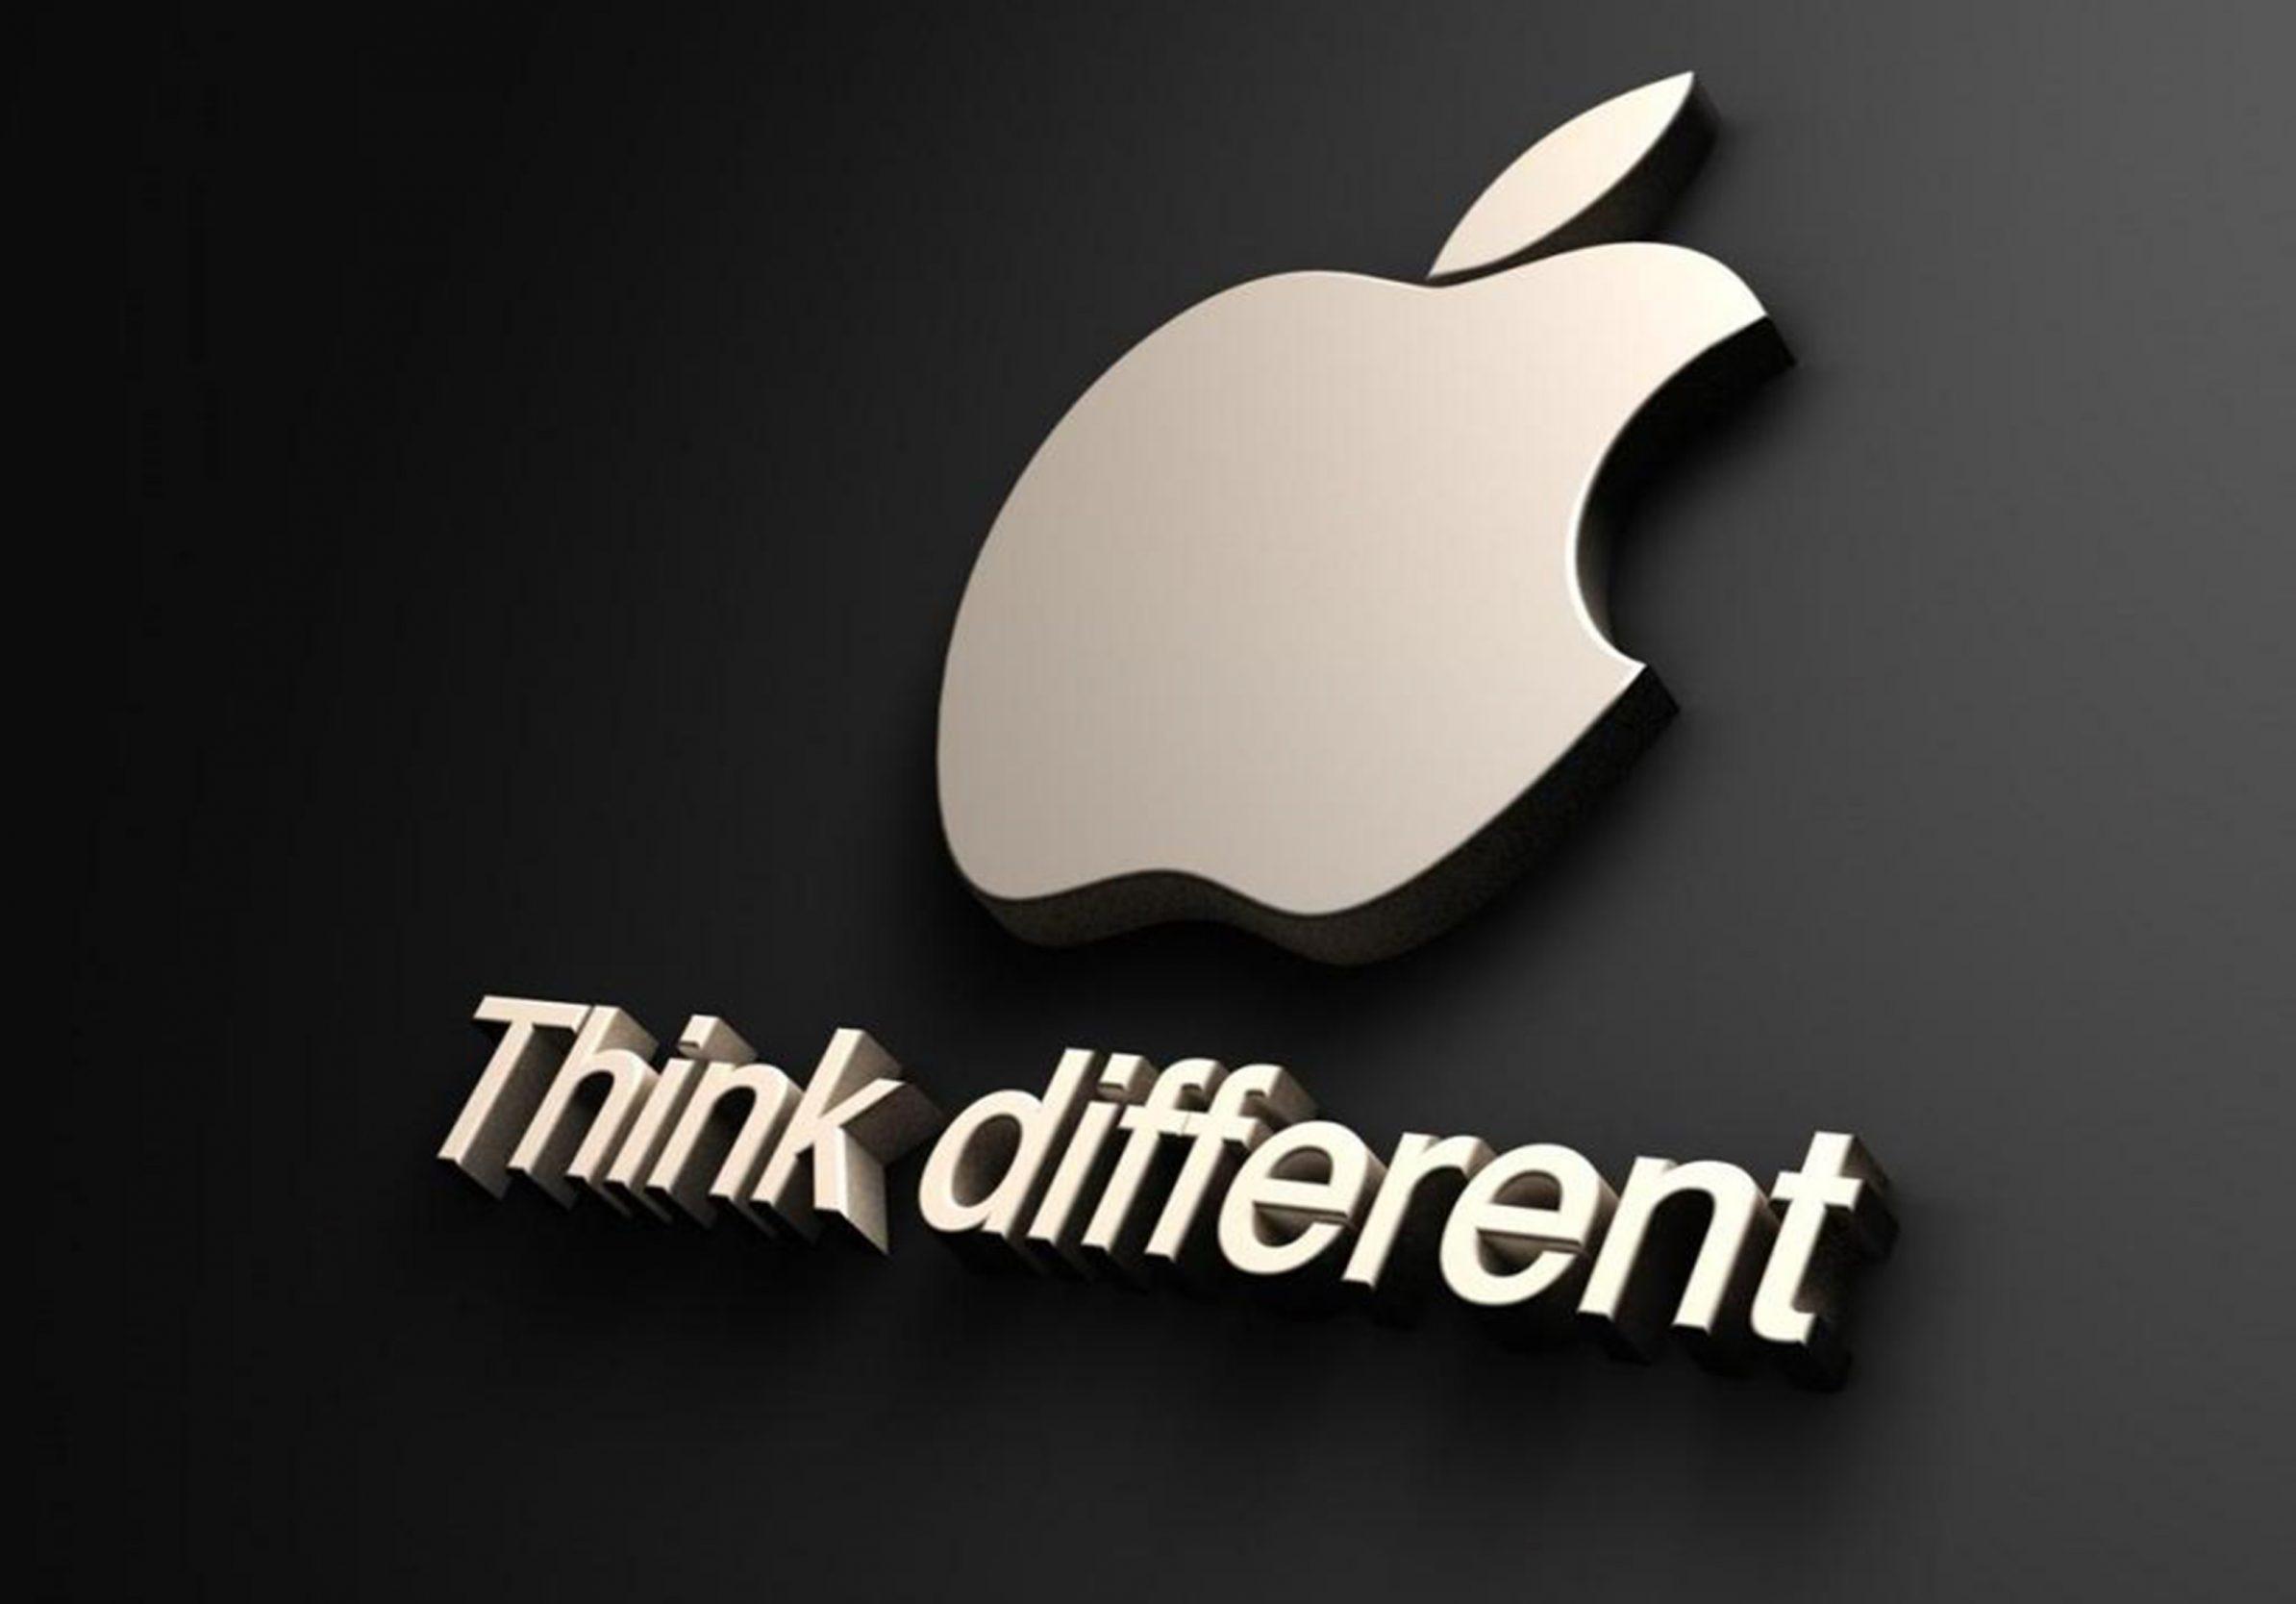 2388x1668 iPad Pro wallpapers Apple Think Different Ipad Wallpaper 2388x1668 pixels resolution